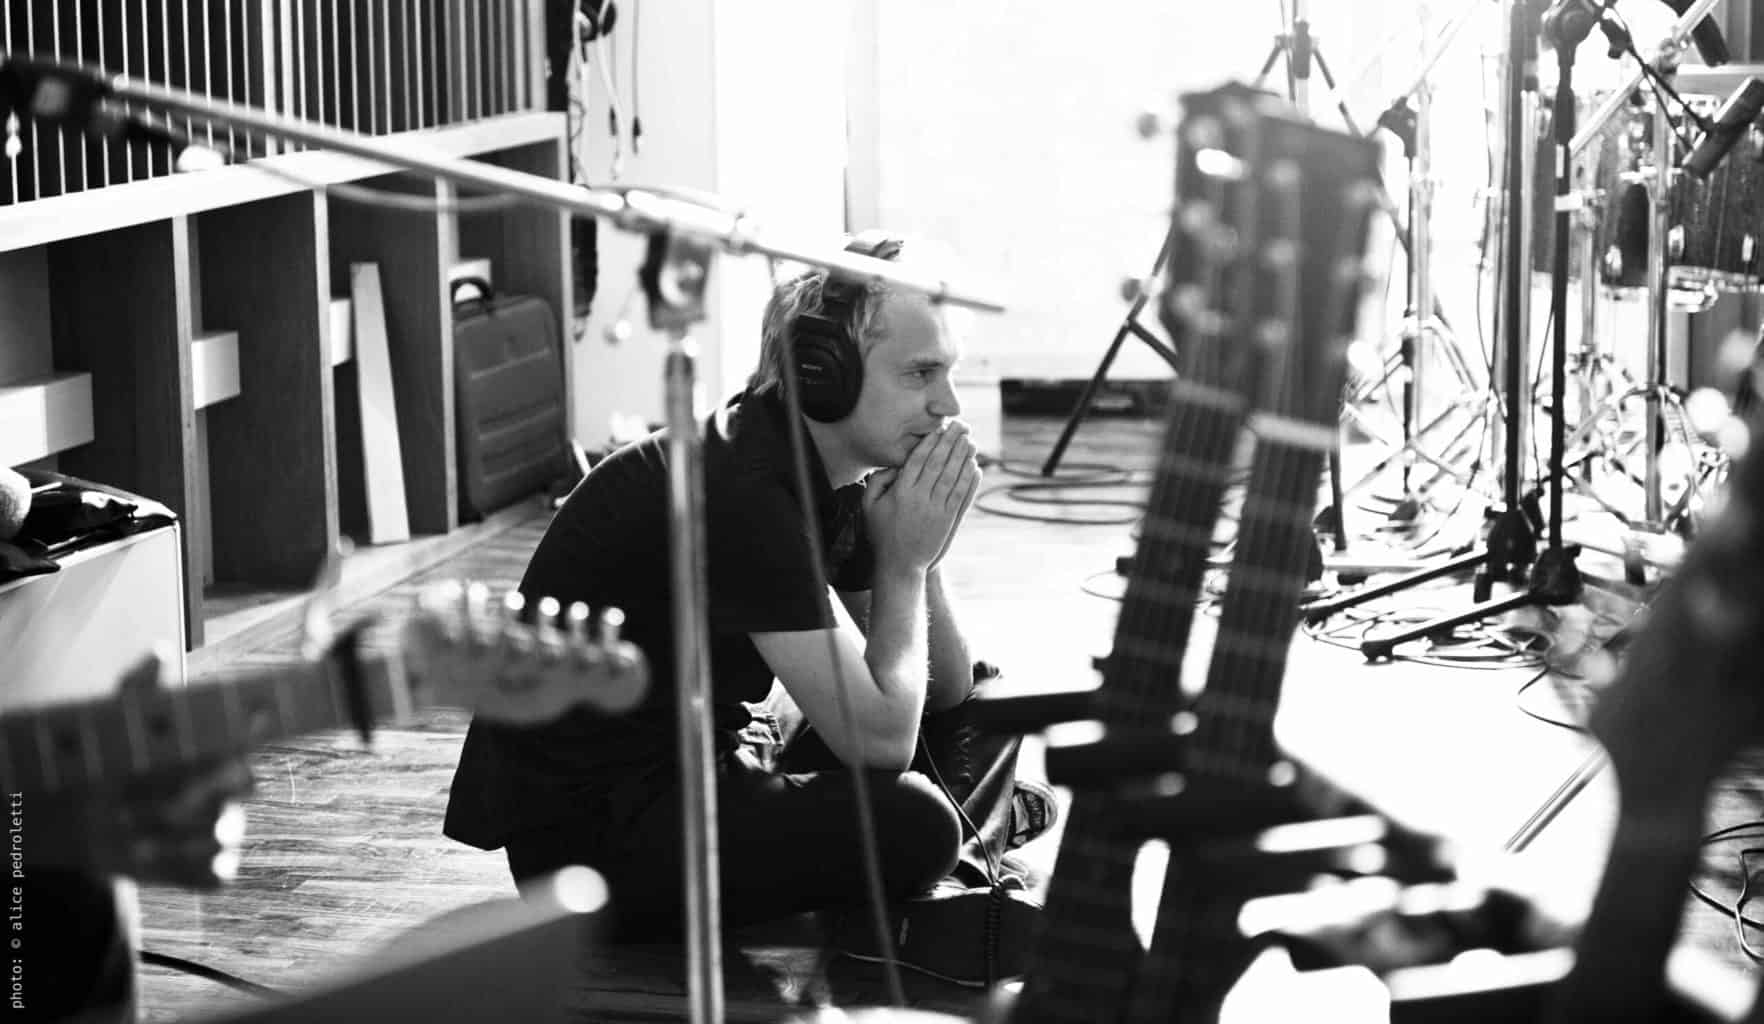 """Simone Bertolotti: """"Far sentire la nostra voce attraverso la musica"""" 1"""